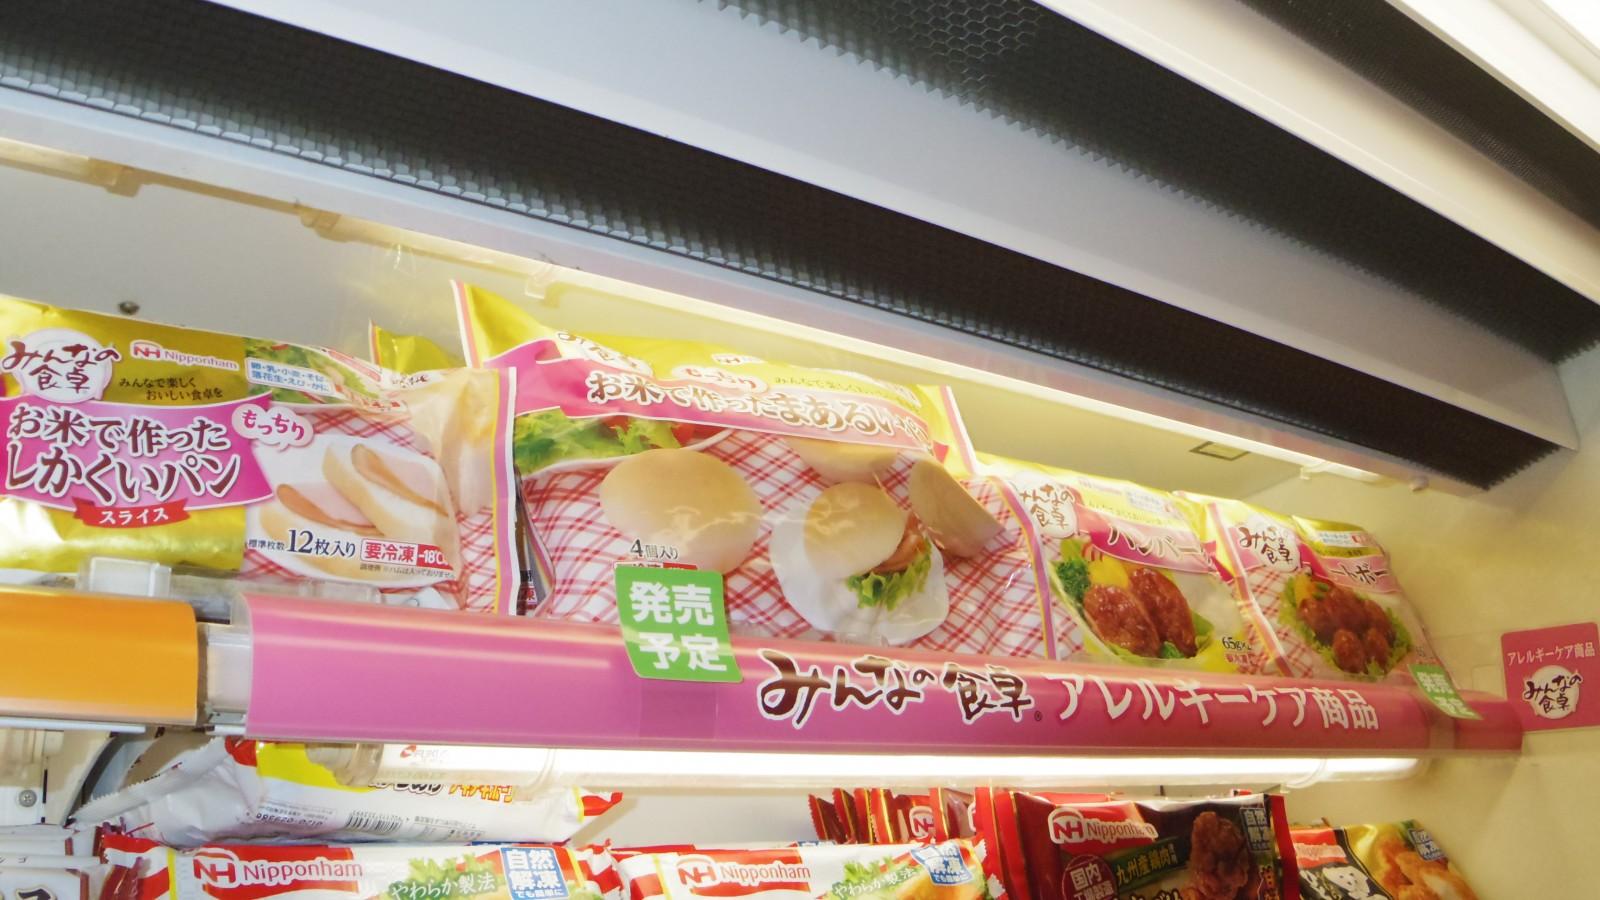 明日からいよいよ新商品がならびます。アレルギーケア商品も冷凍食品売場で提案されることに!